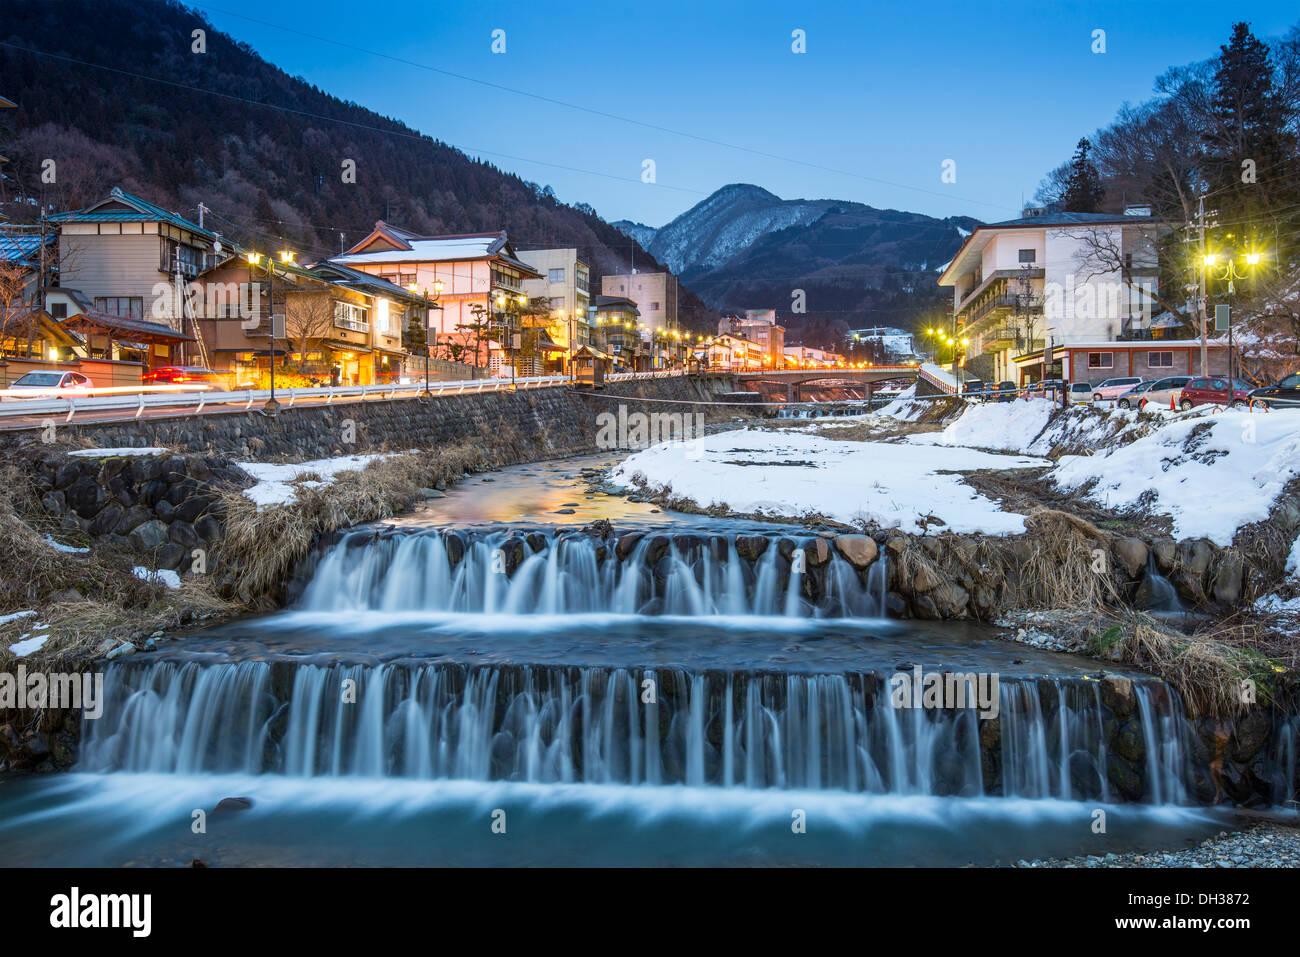 Molle nella piccola cittadina di Shibu, Nagano, Giappone. La città è famosa per le sue sorgenti di acqua calda. Immagini Stock